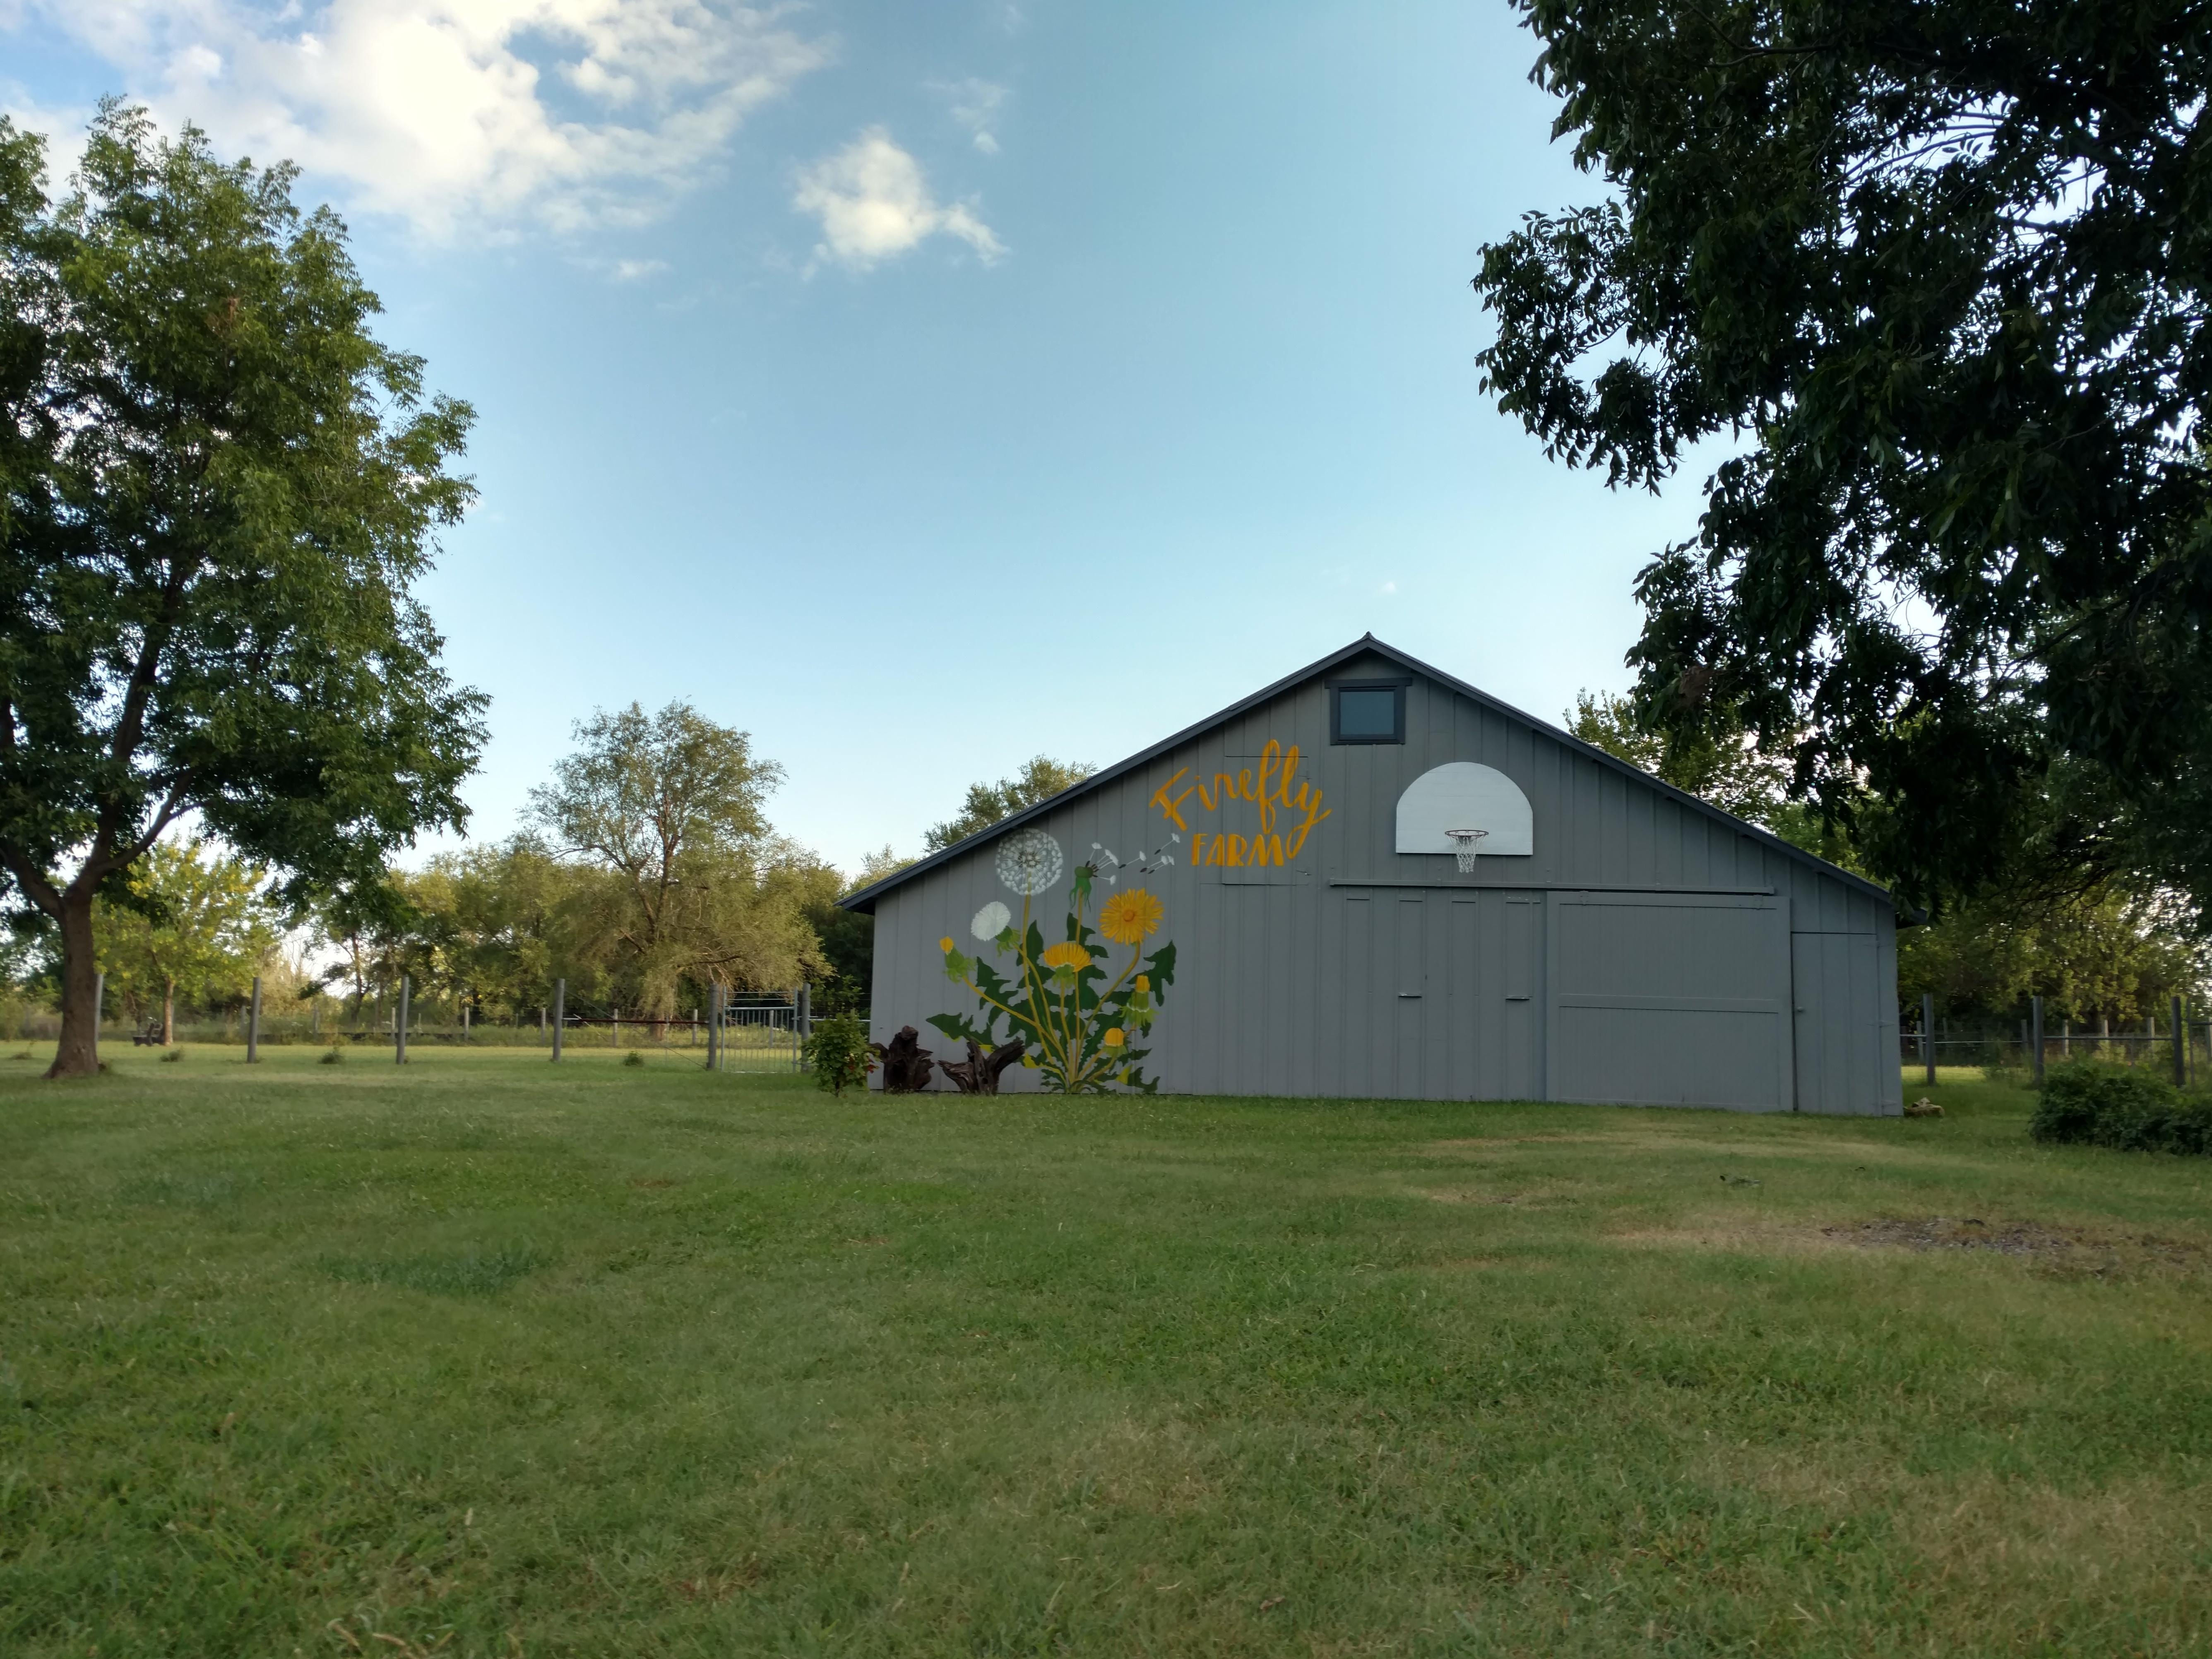 Firefly Barn